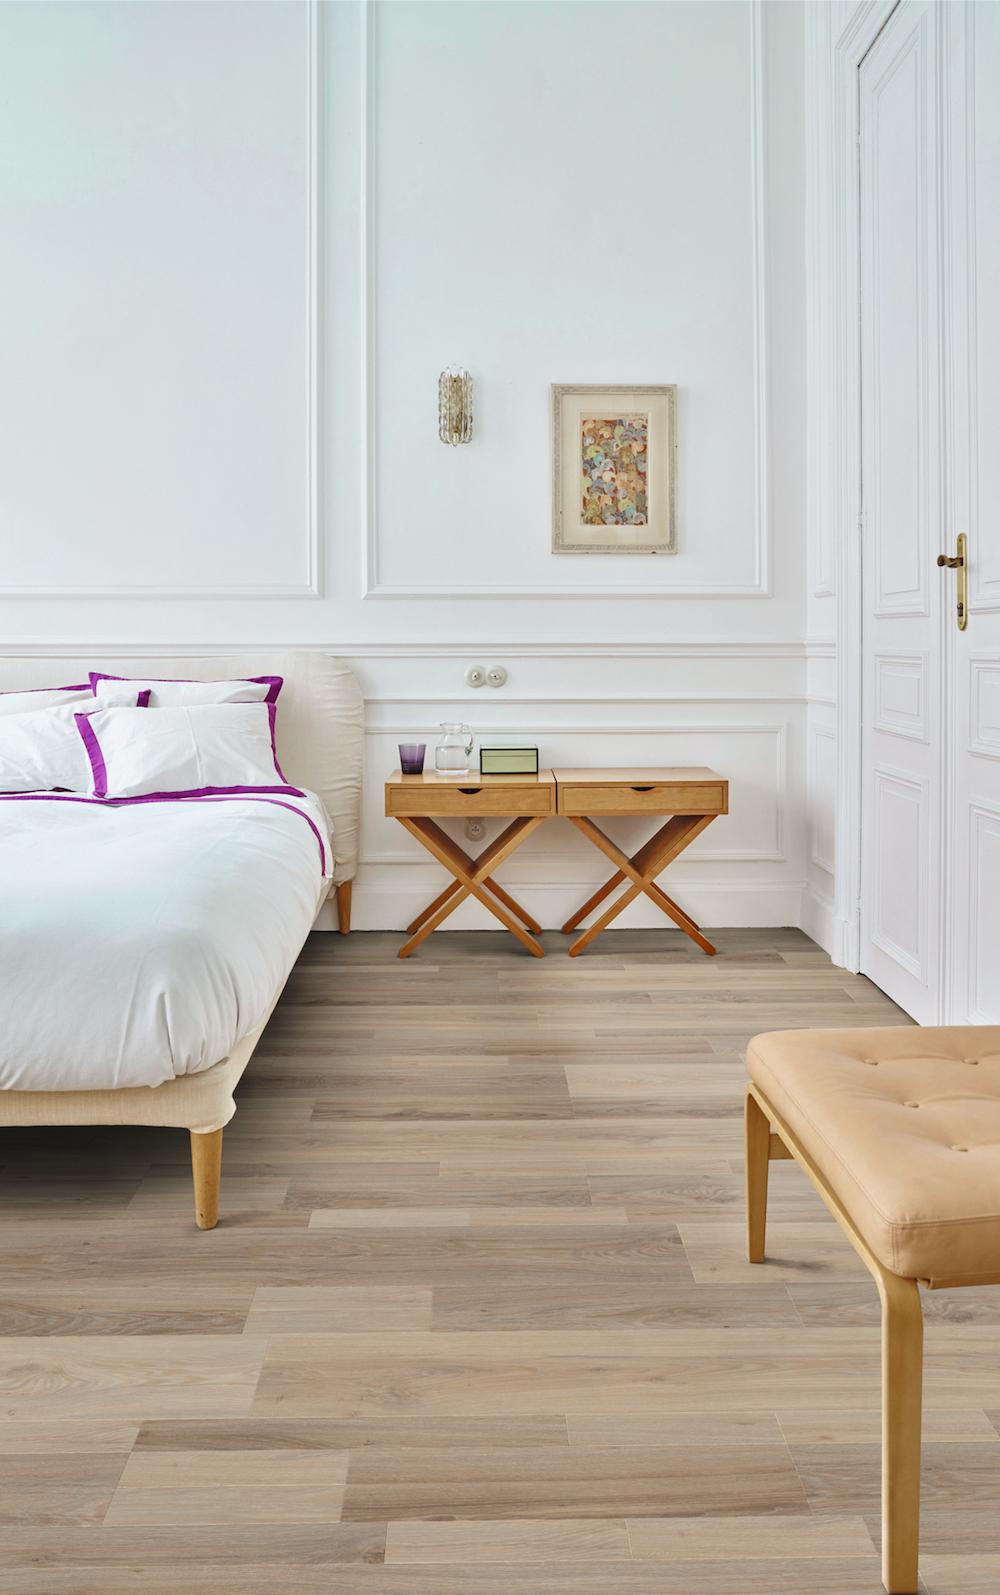 vinyl vloeren startpagina voor vloerbedekking ideeà n uw vloer